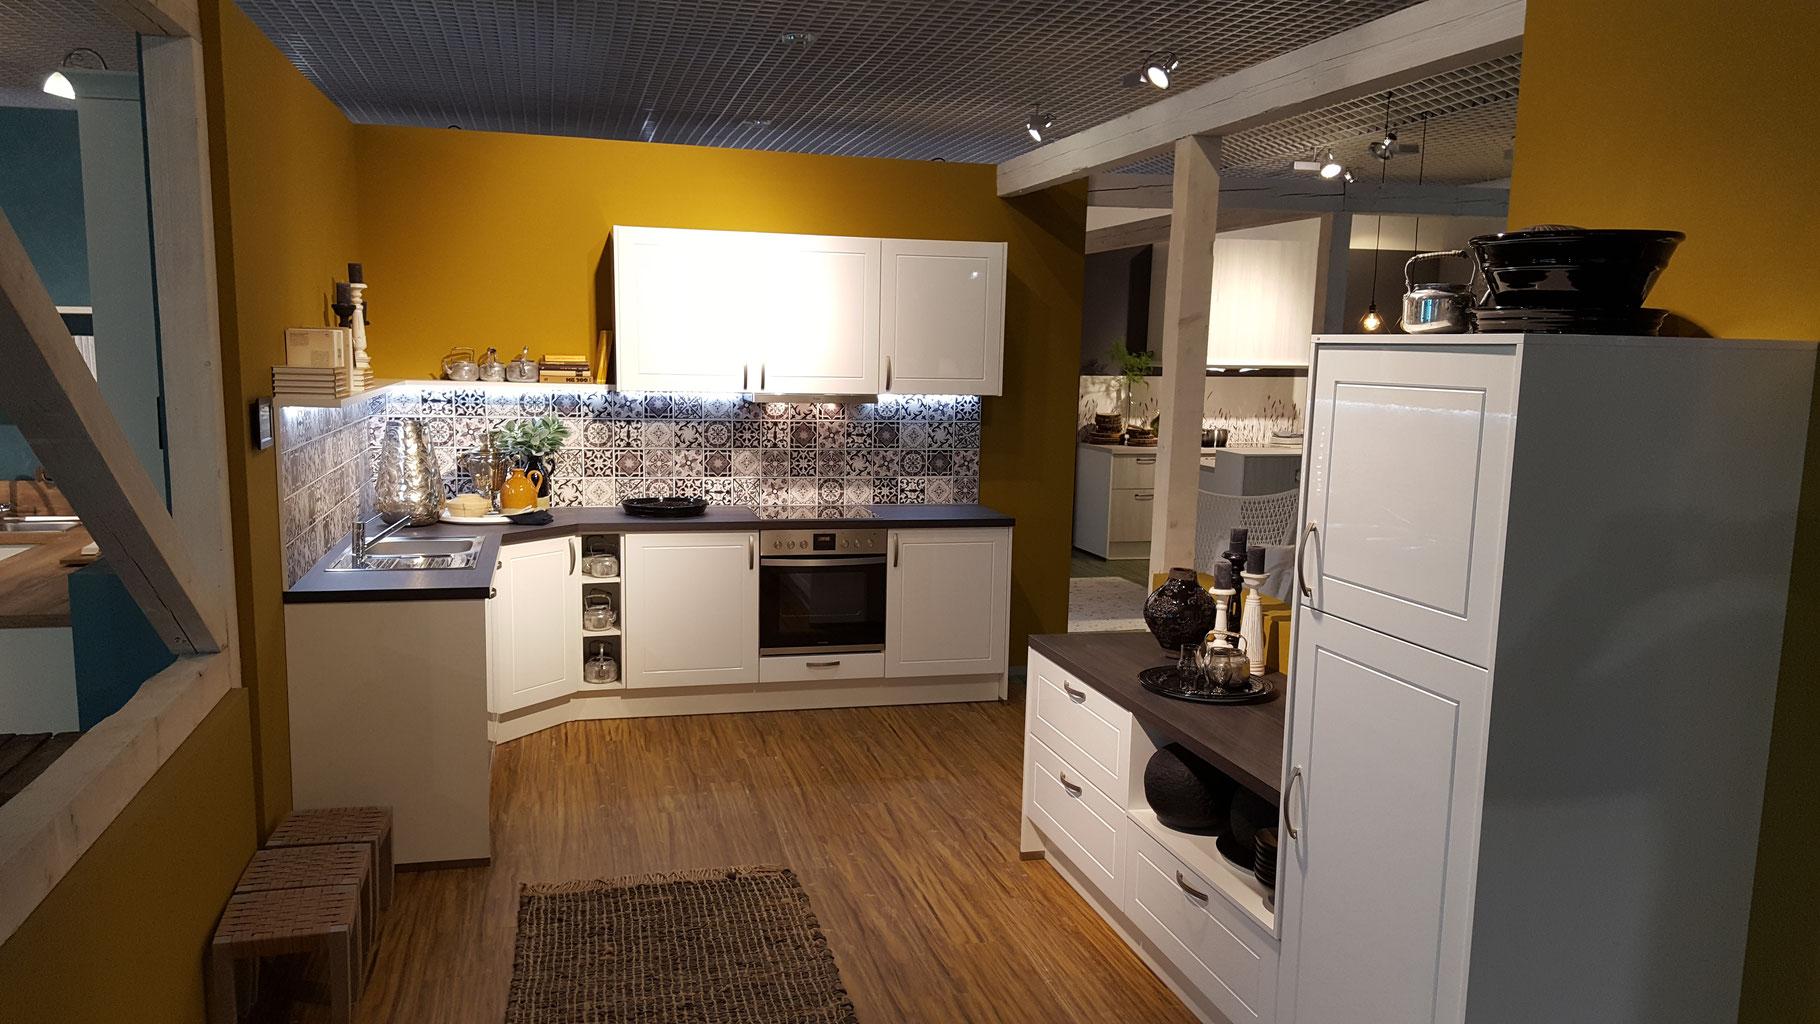 Duitse Keukens Goedkoper : Keuken duitsland goedkoop duitse keukens kopen op maat in onze